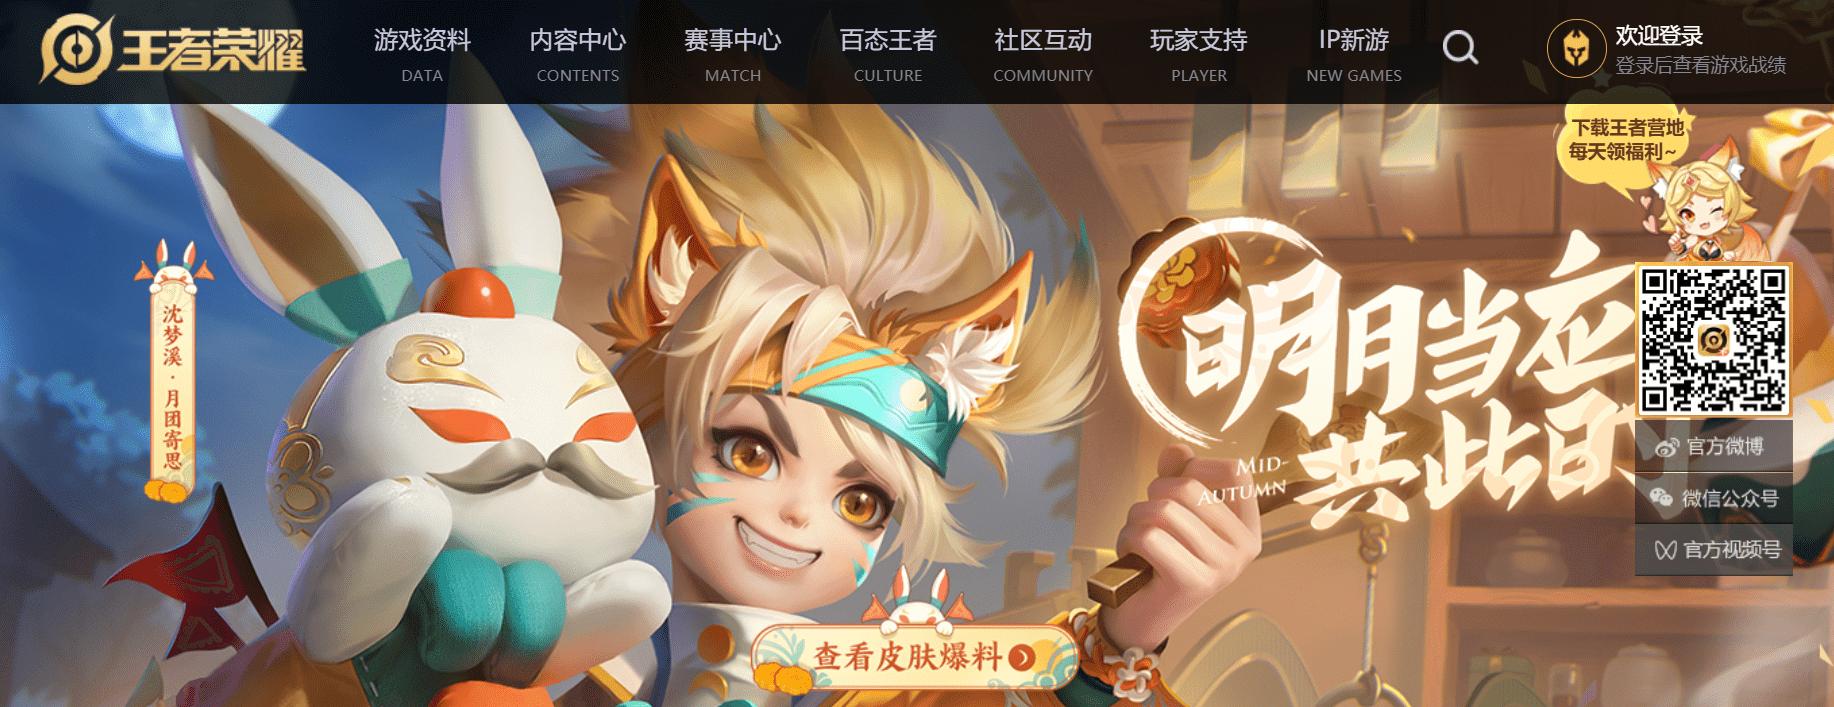 王者栄耀運営Tencent、Black Shark 4Sと4S Proの存在をリーク